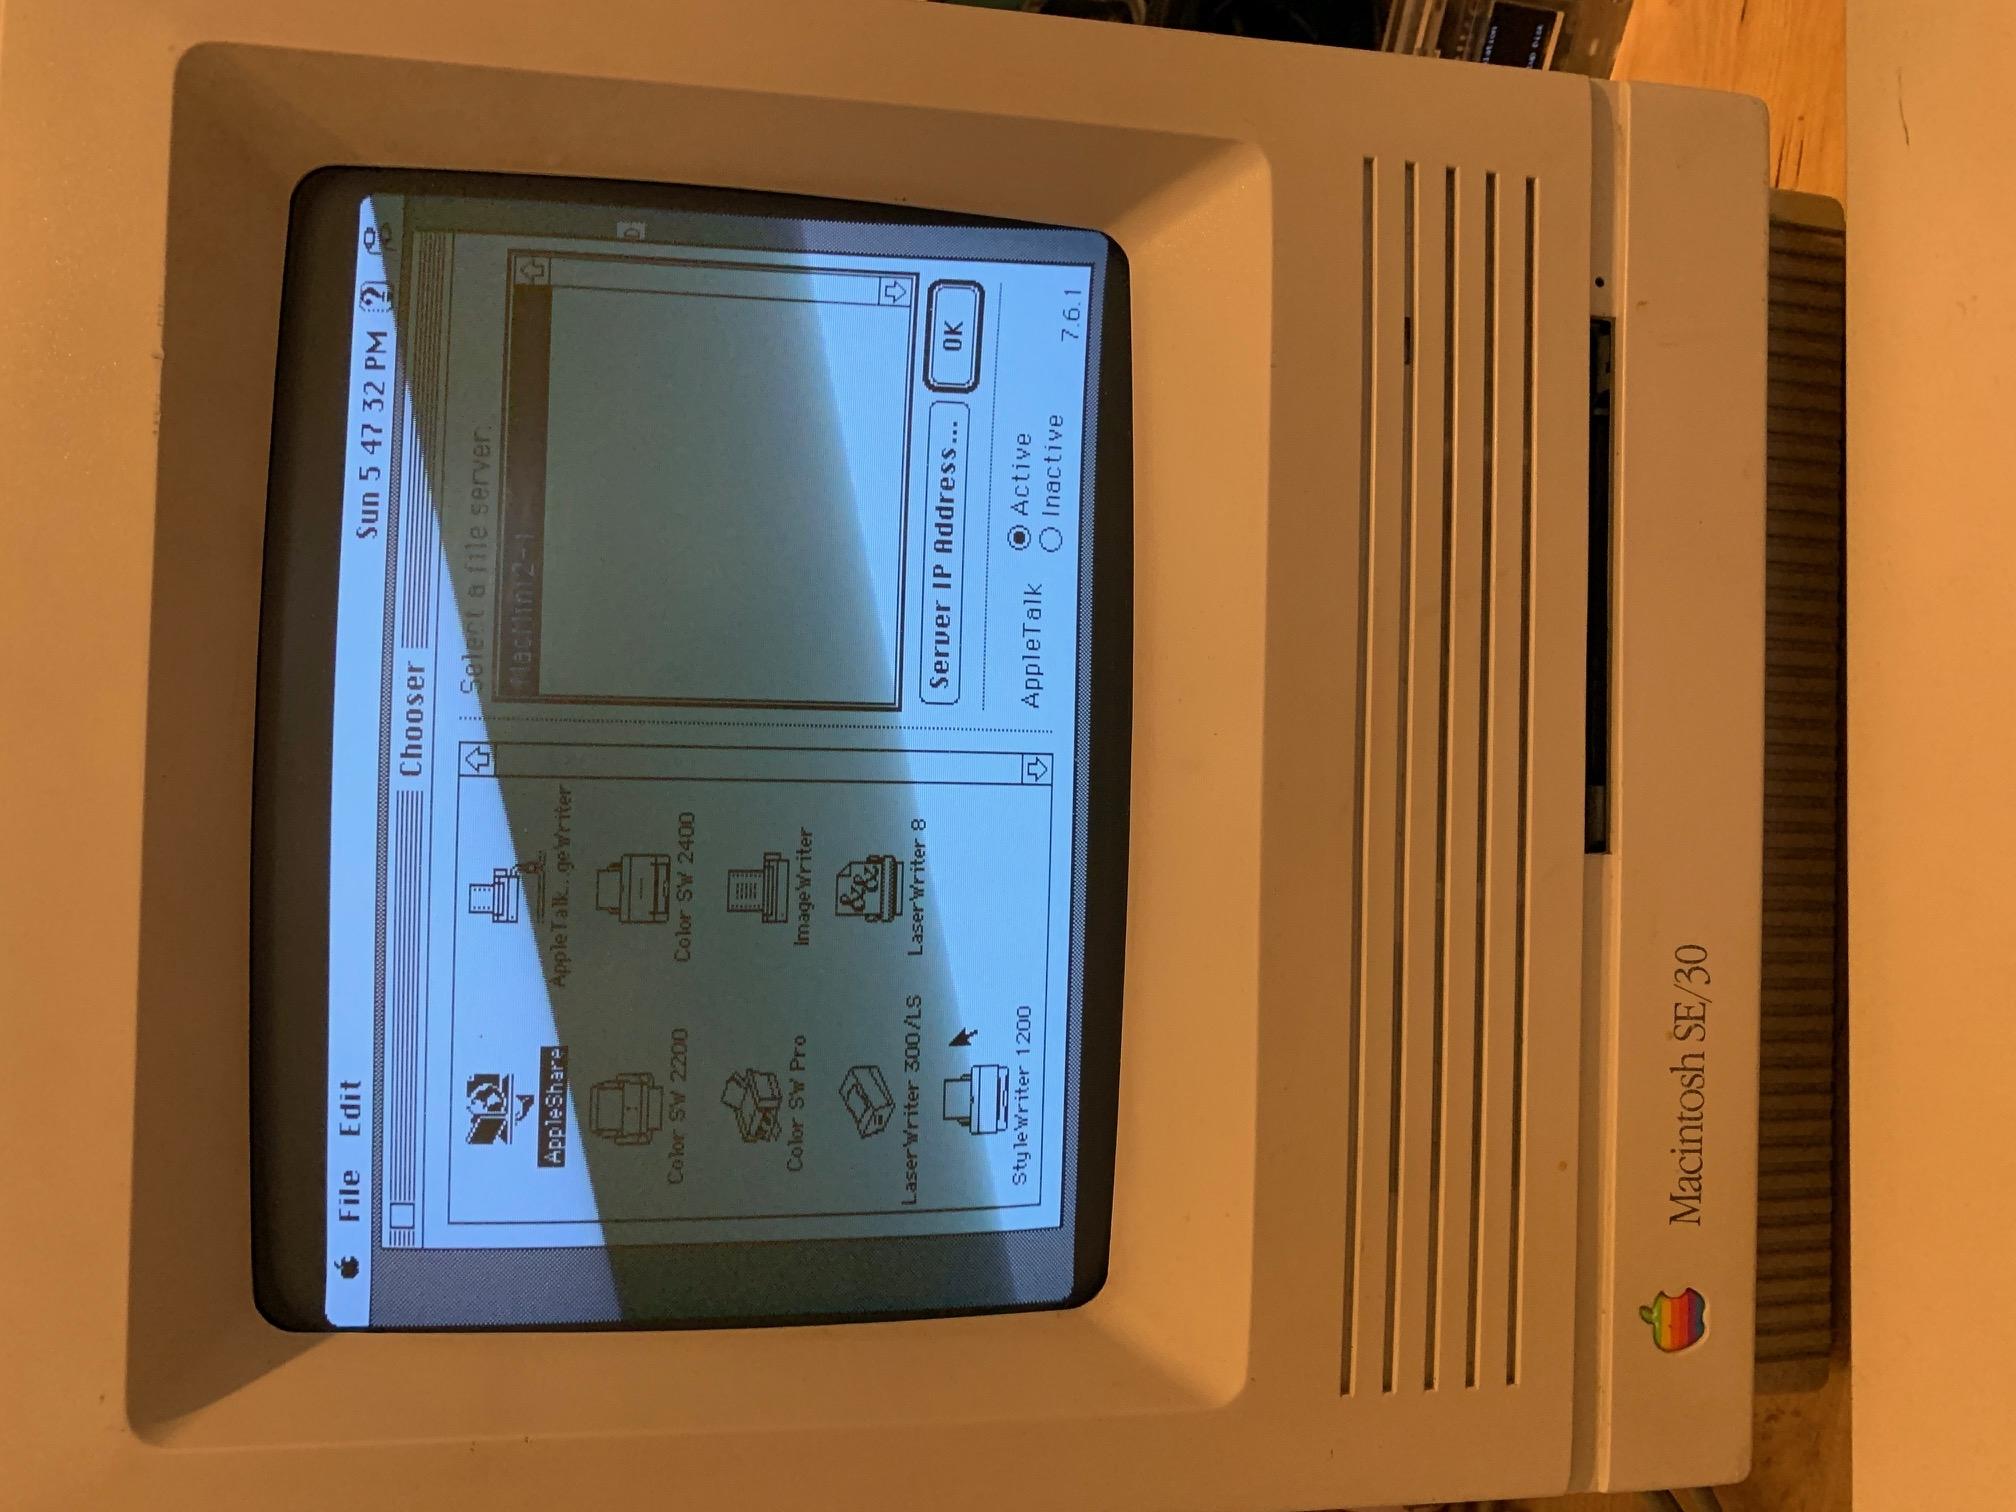 Mac SE/30 running System 7.5.3 for AppleShare